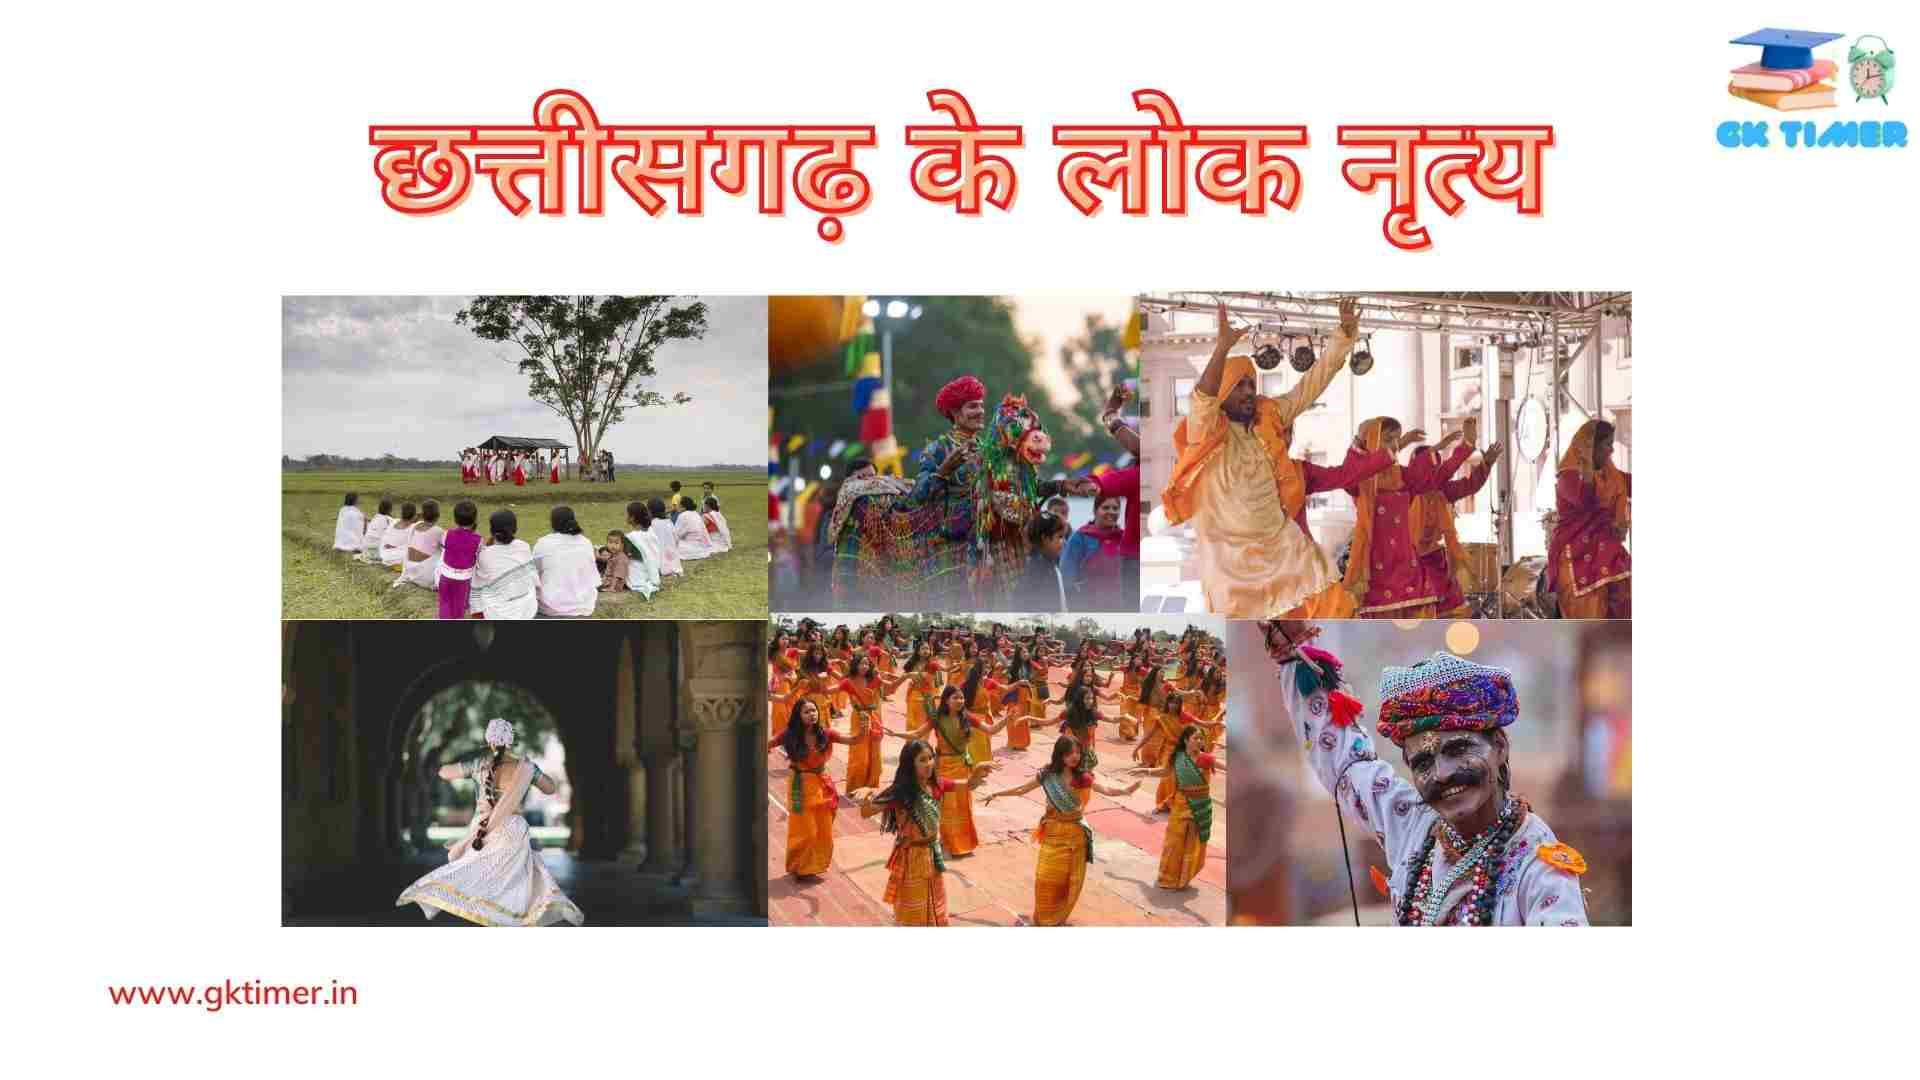 छत्तीसगढ़ के प्रमुख लोक नृत्य(सैला , पंथी, राउत नाचा) | Traditional folk dances of Chhattisgarh in Hindi